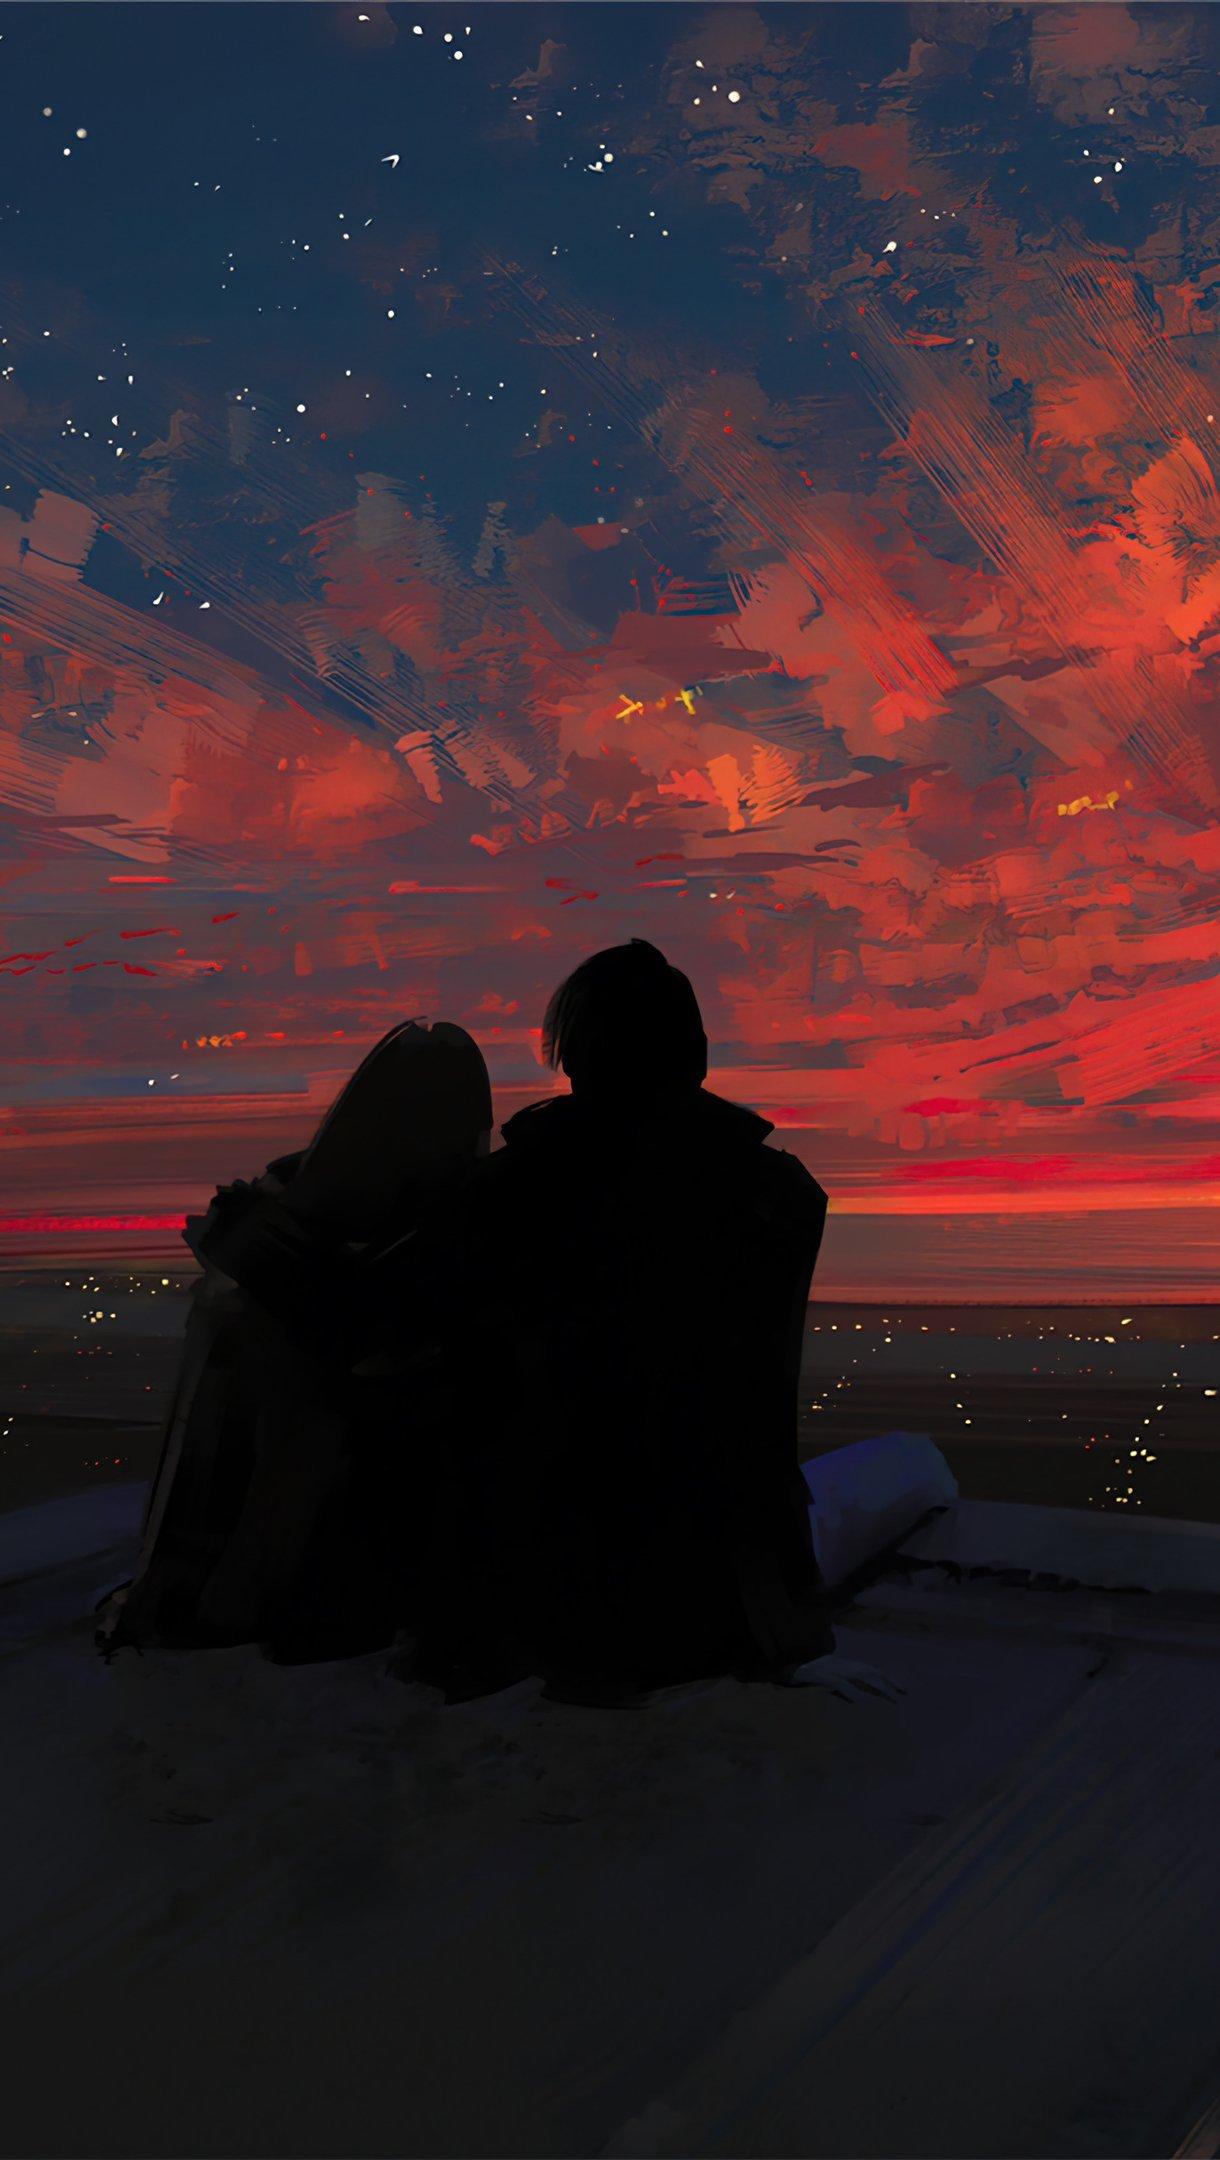 Fondos de pantalla Silueta de pareja viendo el atardecer Vertical